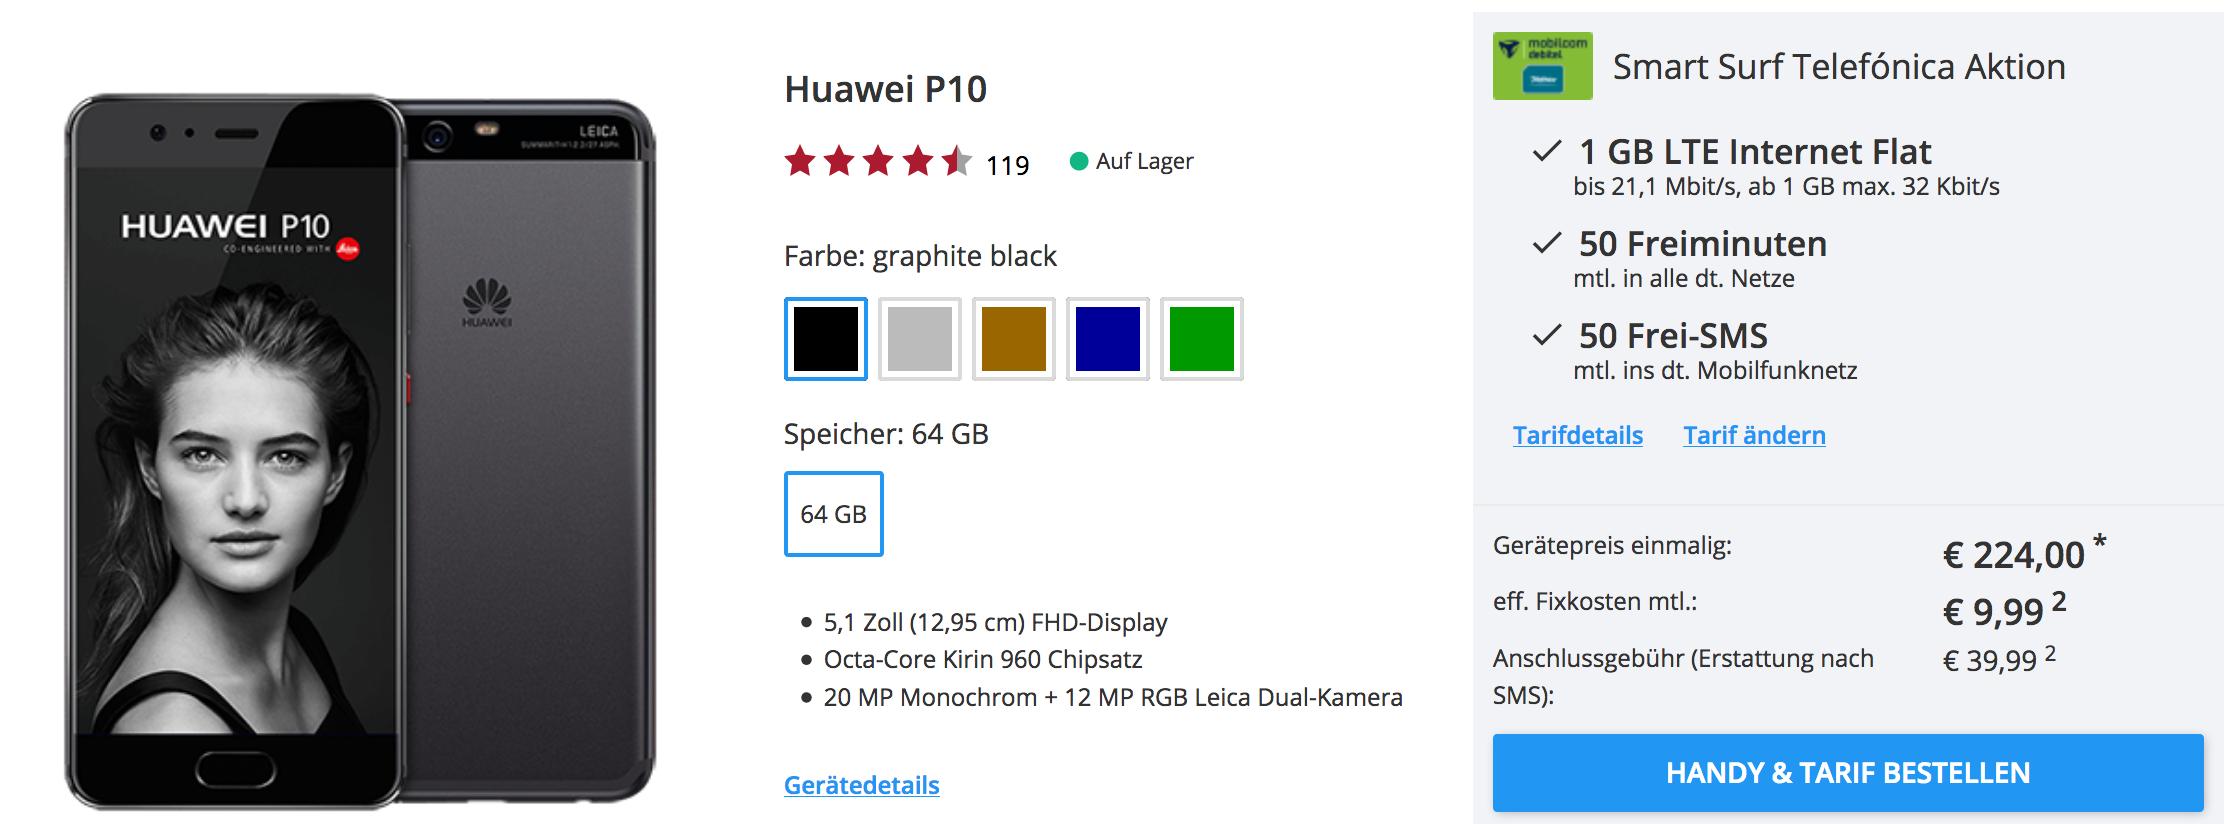 Huawei P10 mit Smart Surf günstig